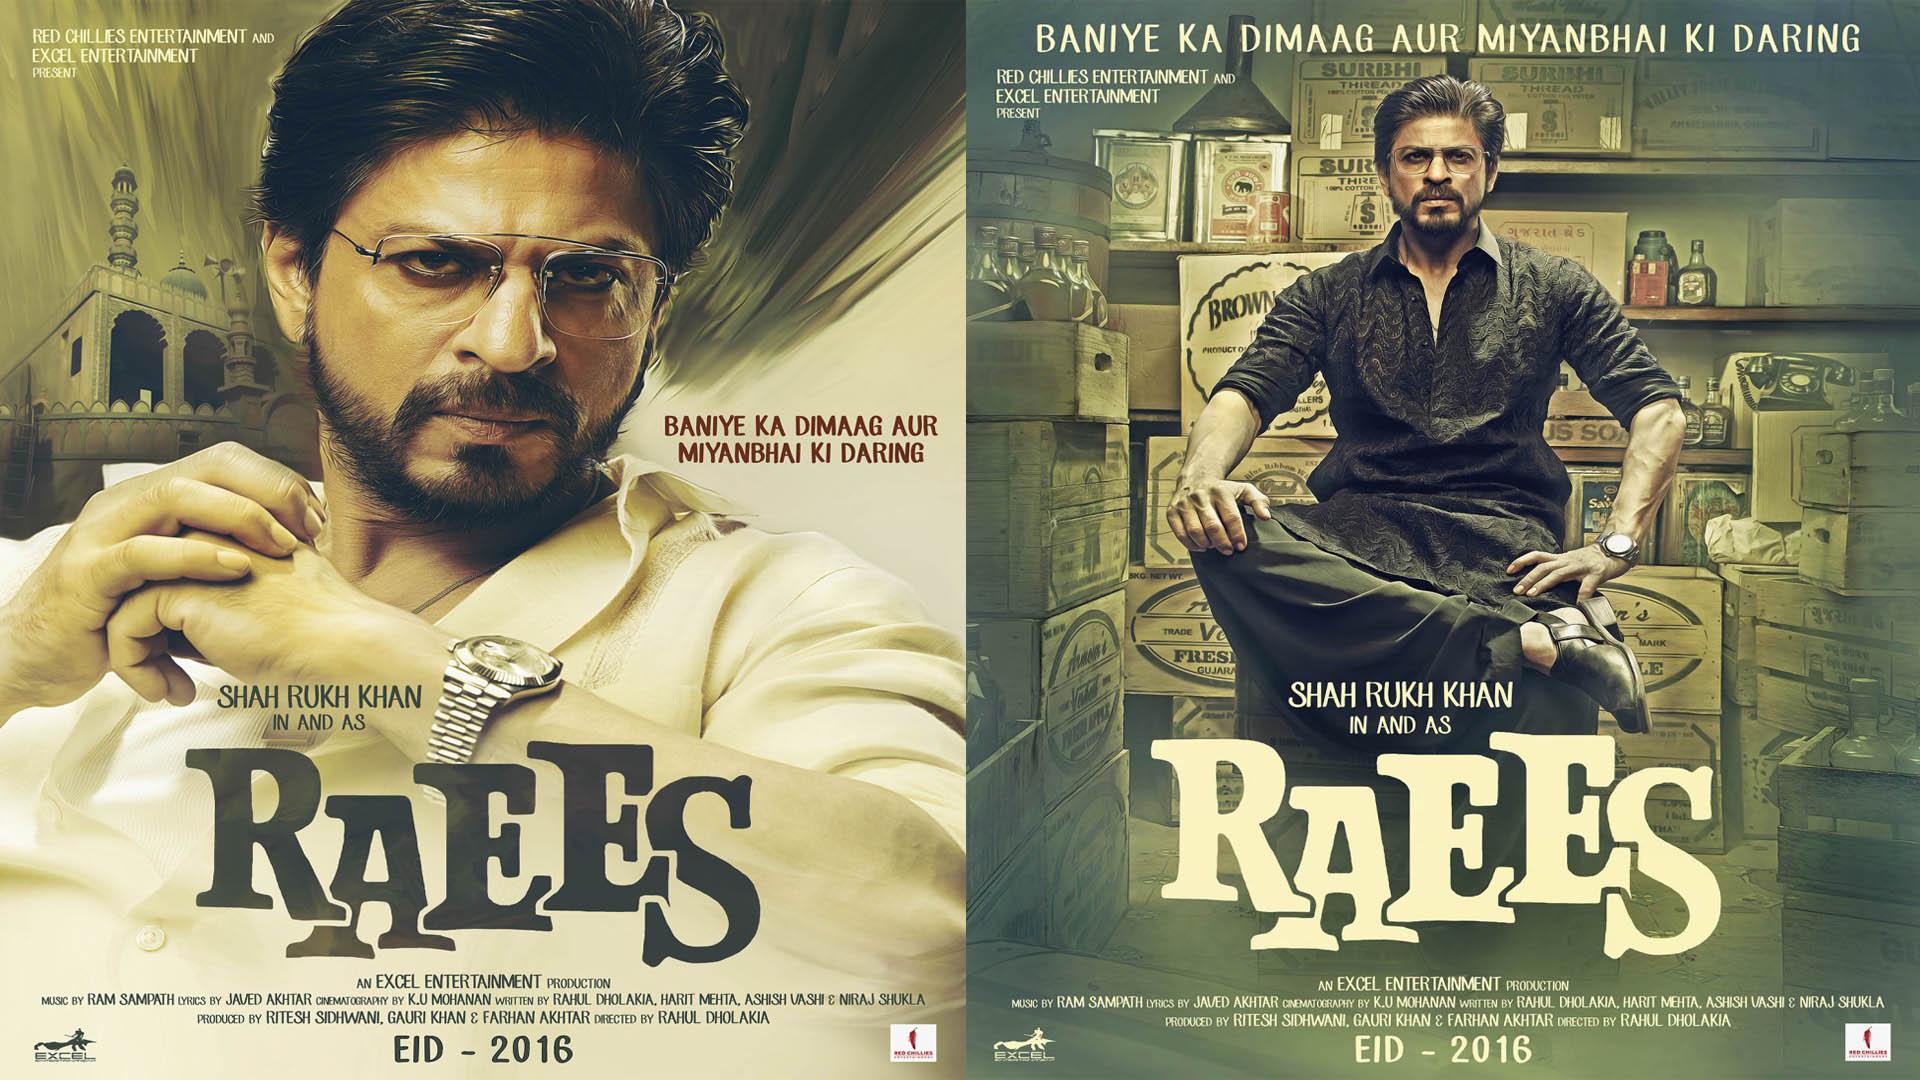 دانلود آهنگ های فیلم هندی Raees